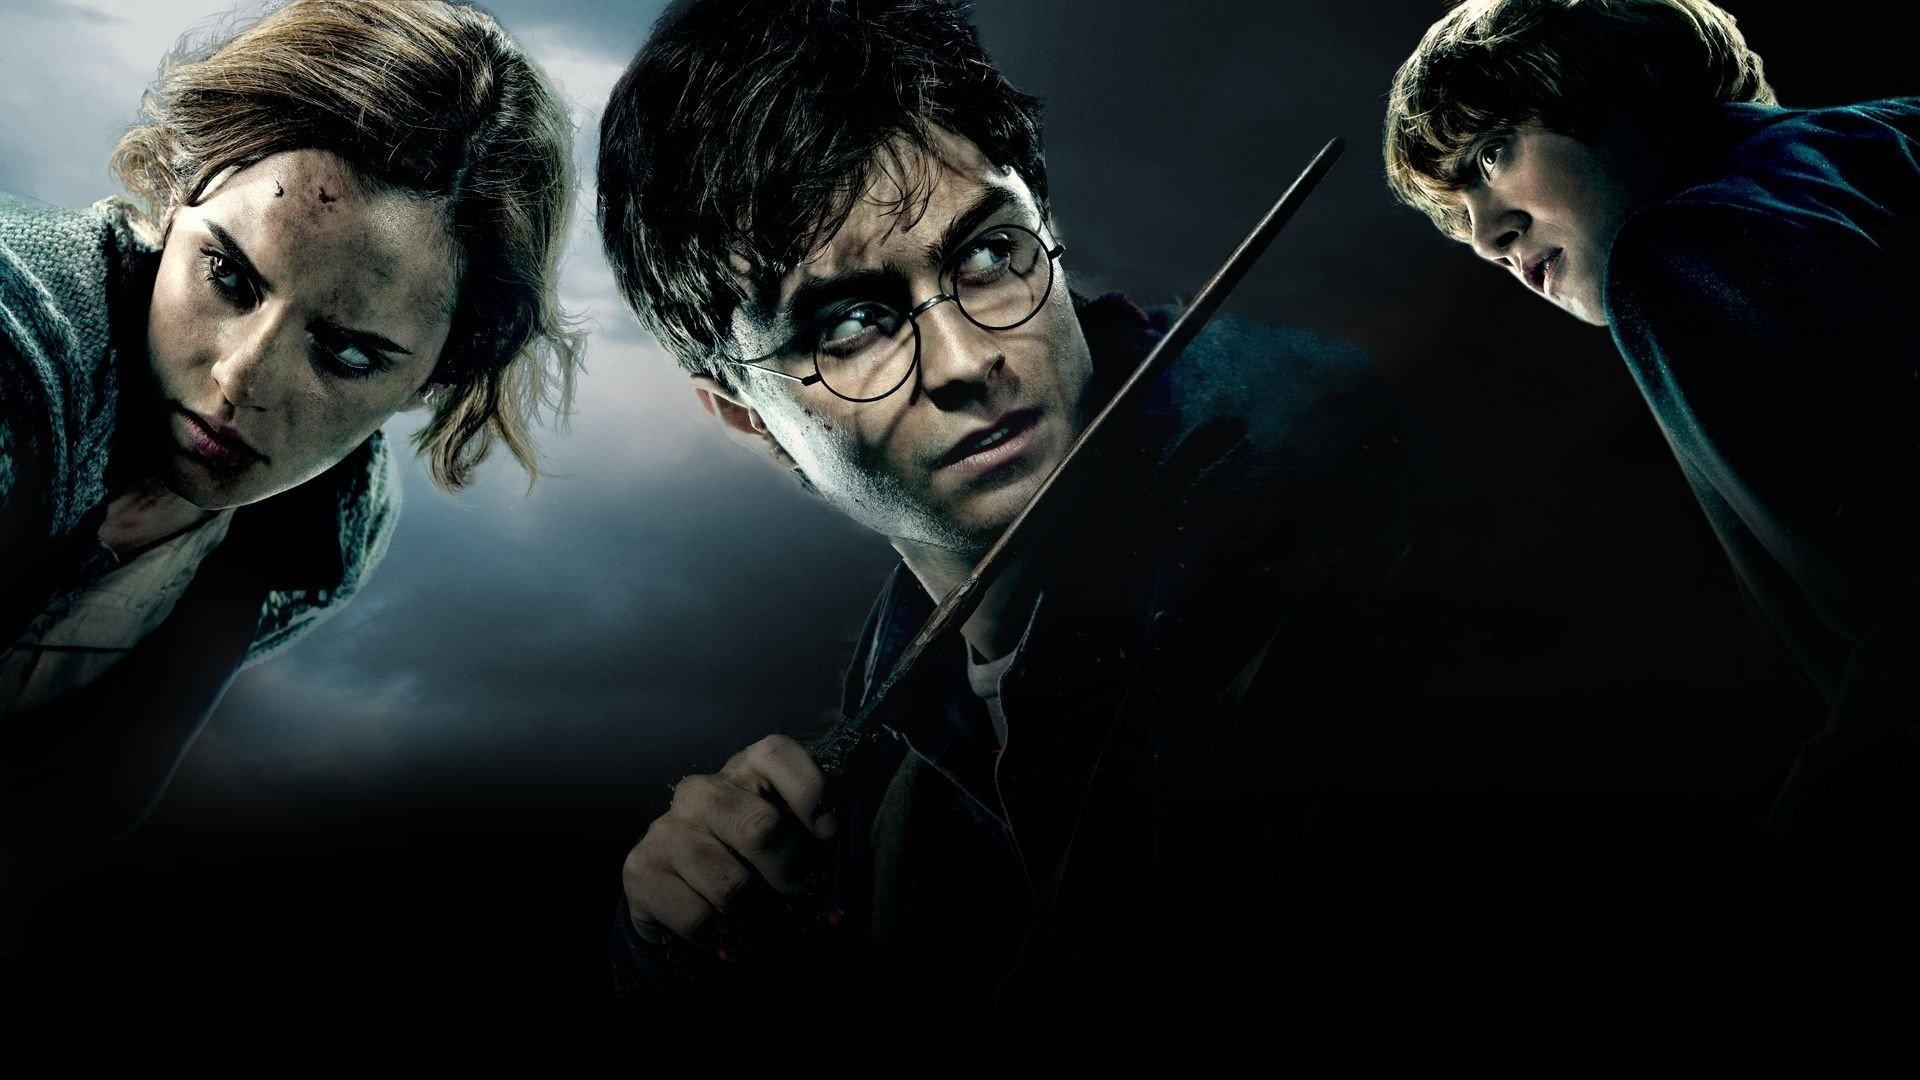 Гарри поттер и дары смерти 2 игра